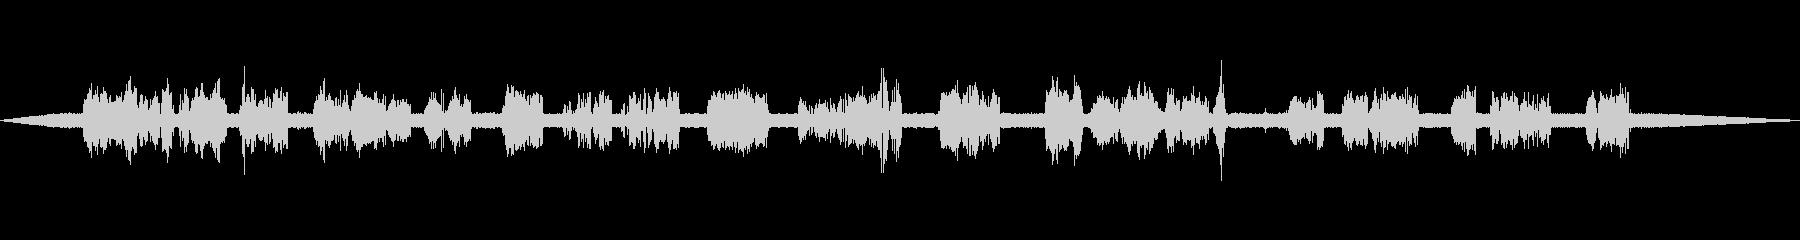 通信の静的音声の未再生の波形